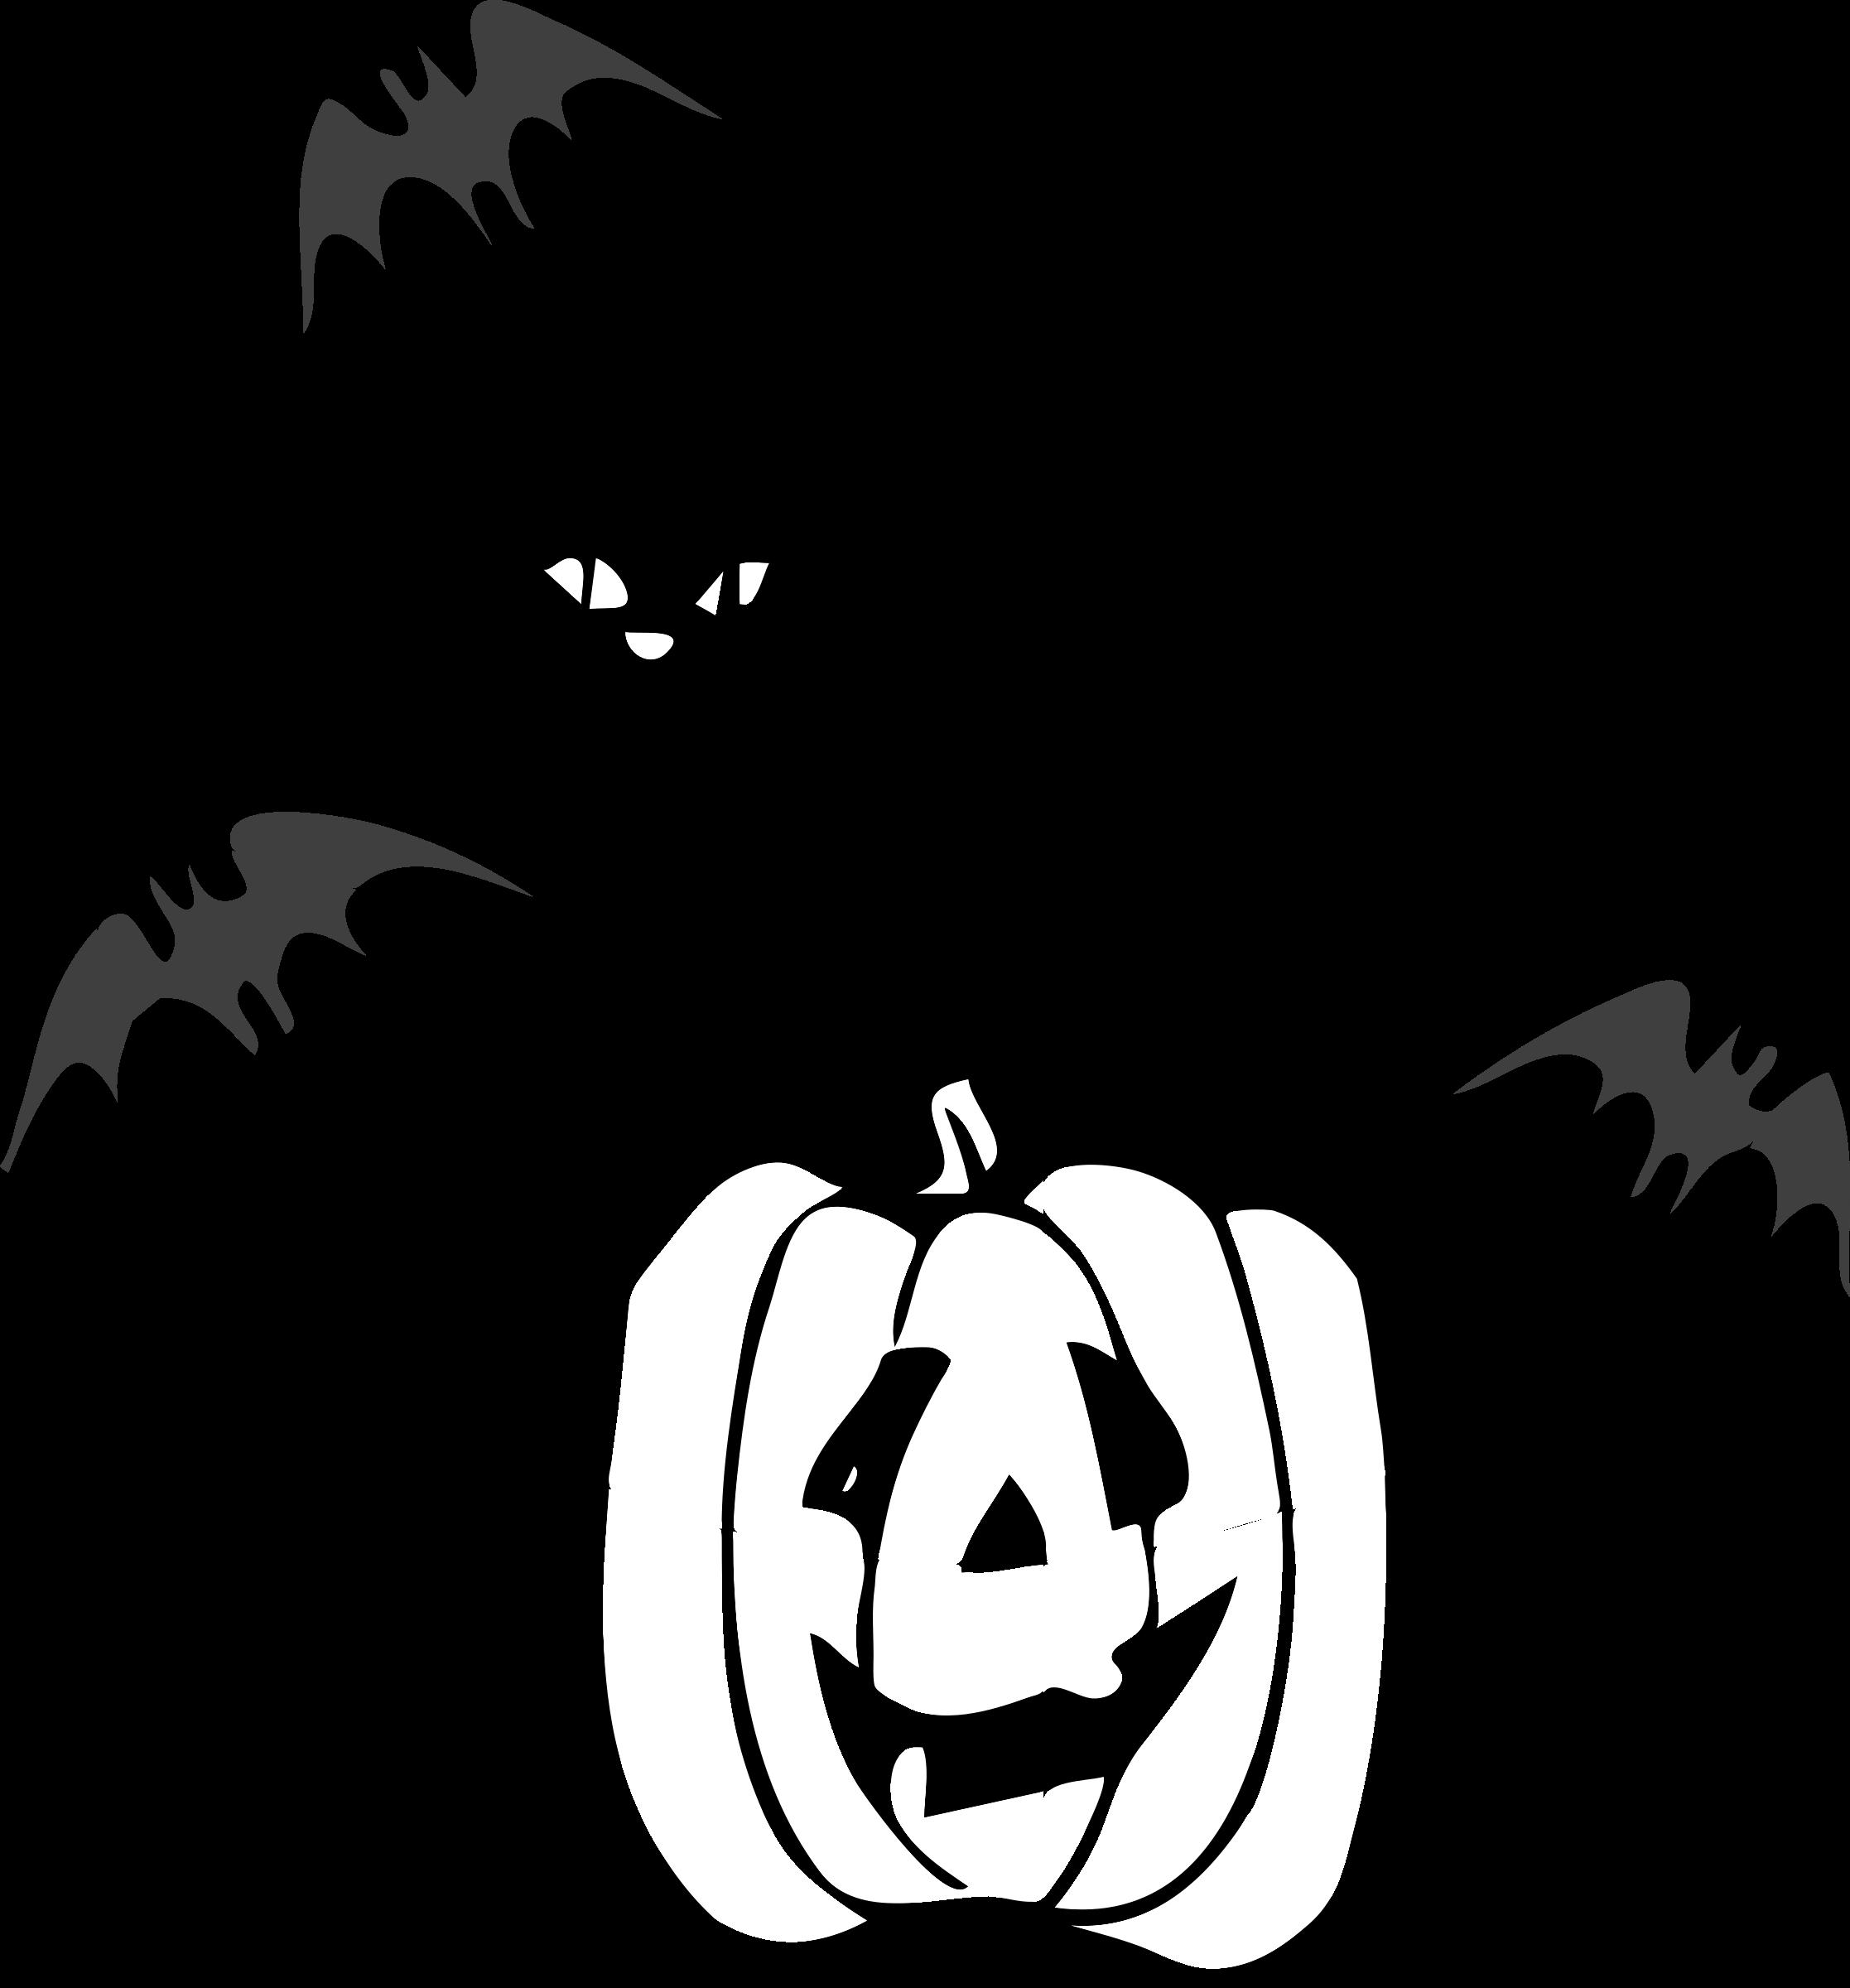 Halloween Cat Png Halloween Black Cat Clipart.